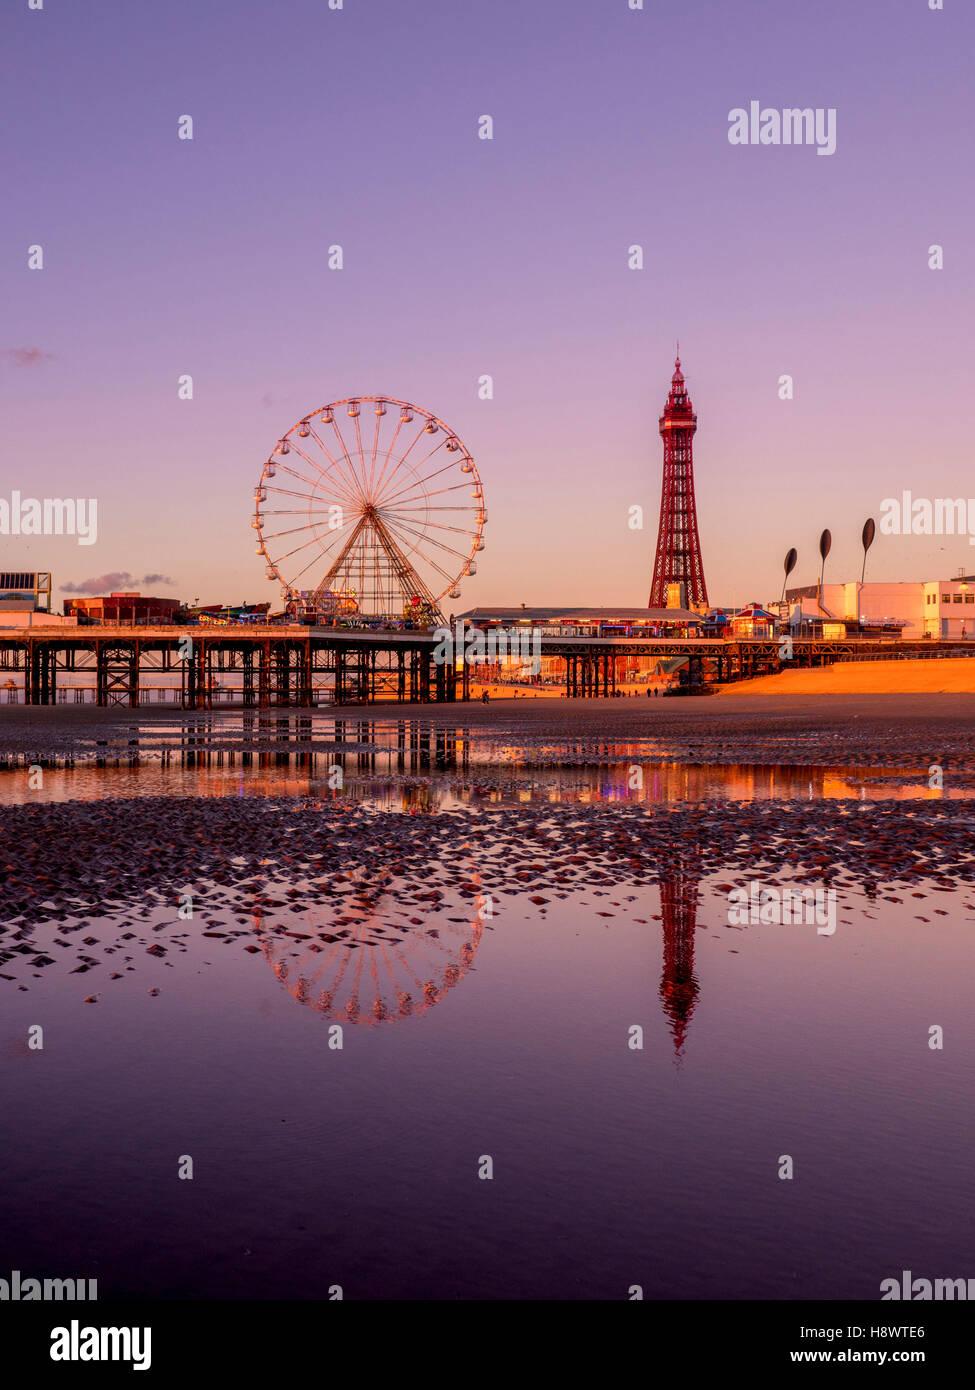 Blackpool Tower und Central Pier mit Spiegelung im Wasser am Strand bei Sonnenuntergang, Lancashire, UK. Stockbild